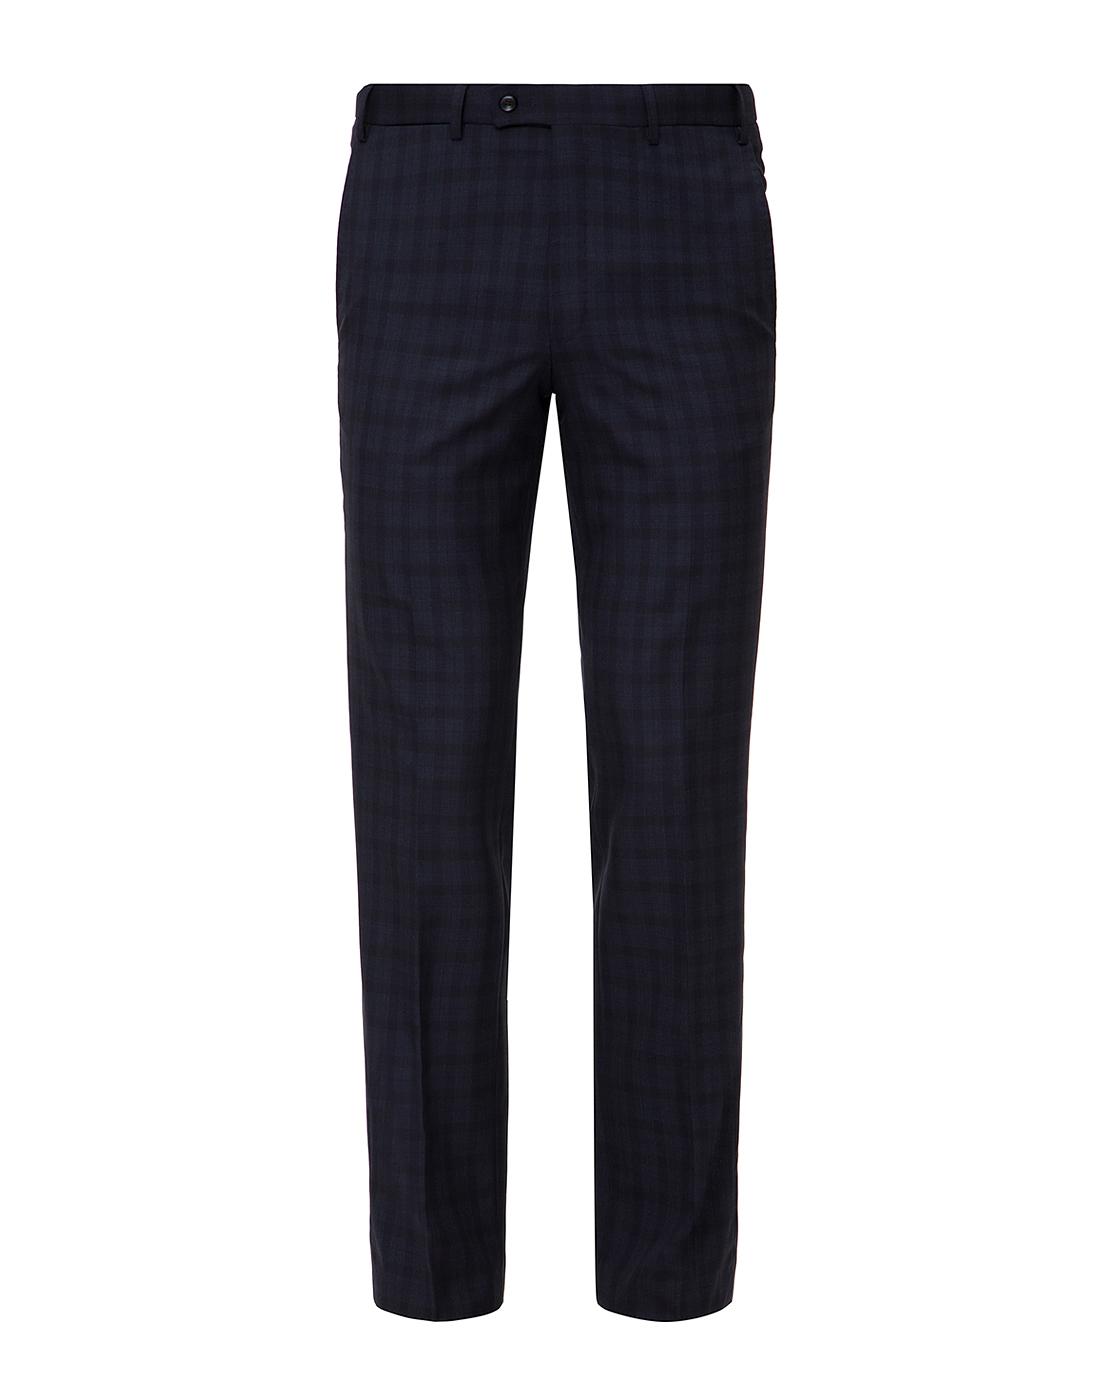 Мужские темно-синие брюки Hiltl  S13173 40 34600-1